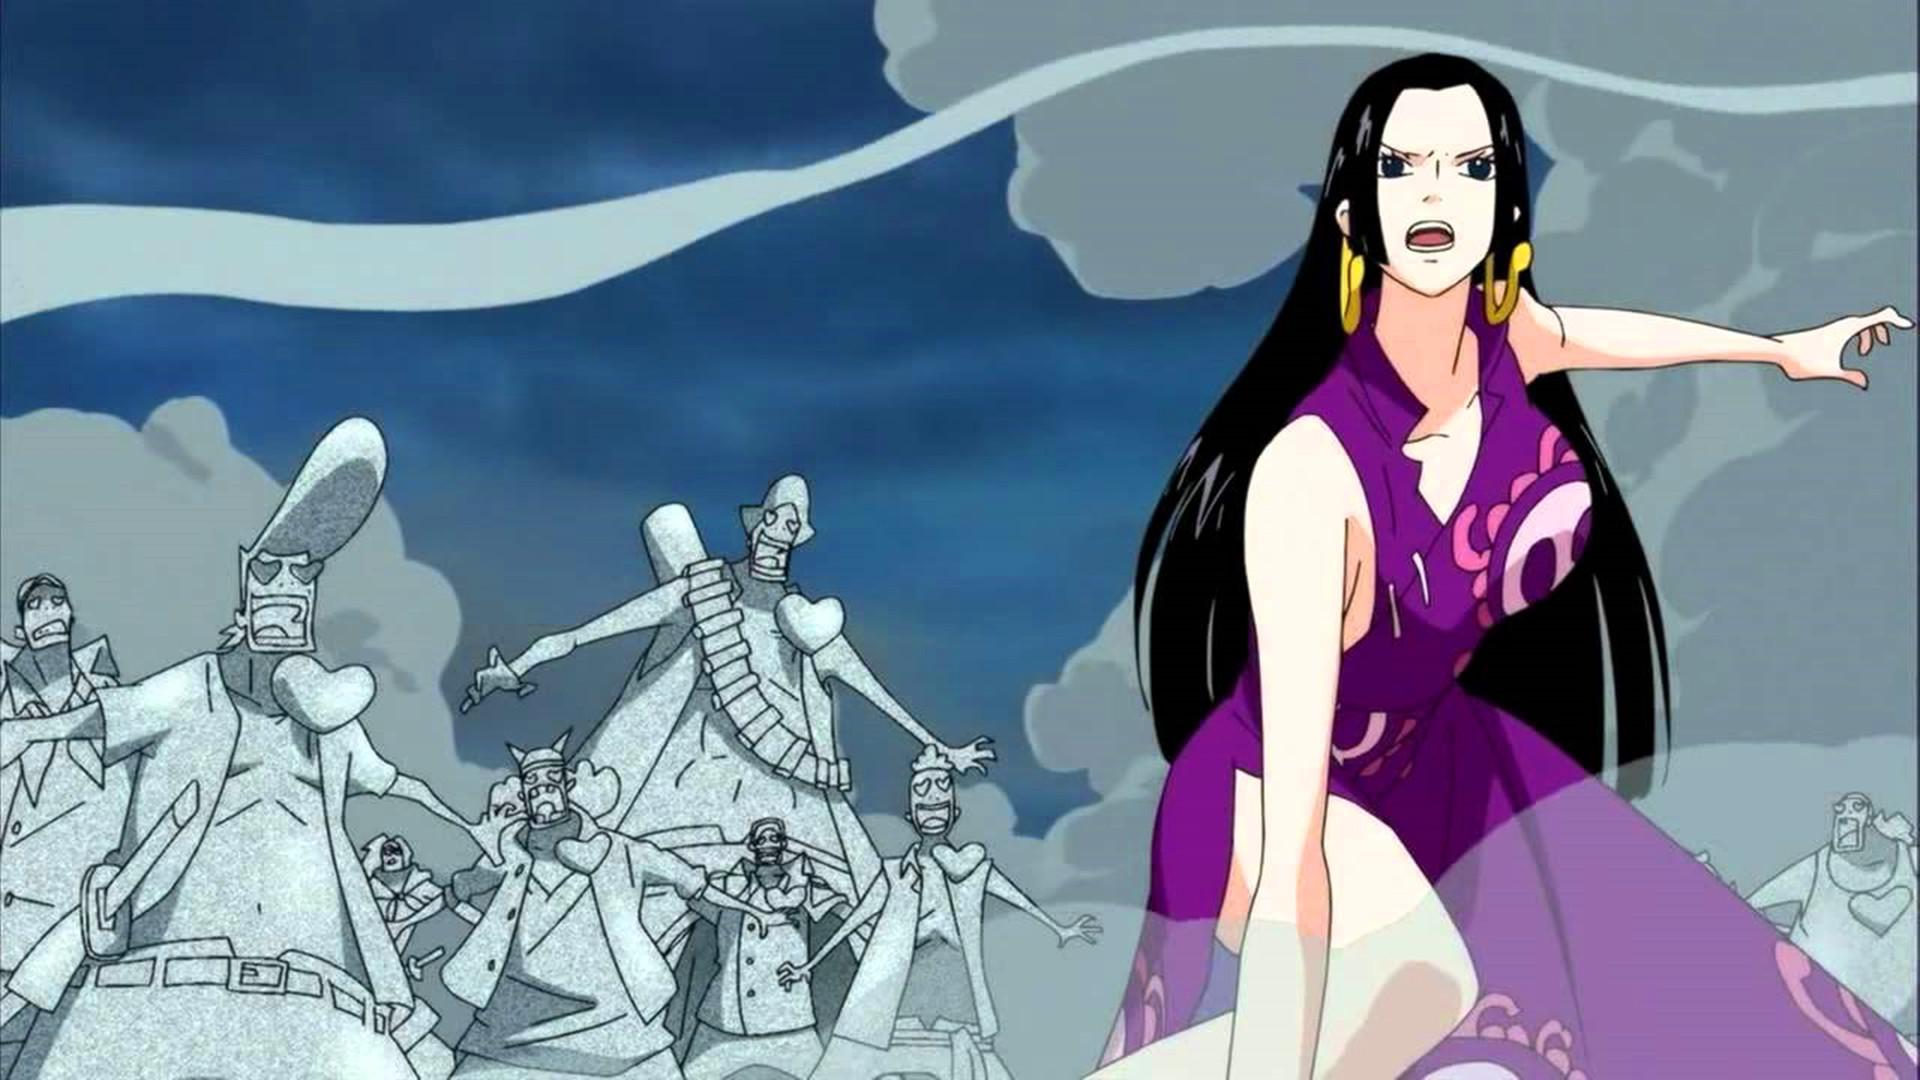 海贼王:女帝的实力一直被隐藏,真实实力仅次于大将图片